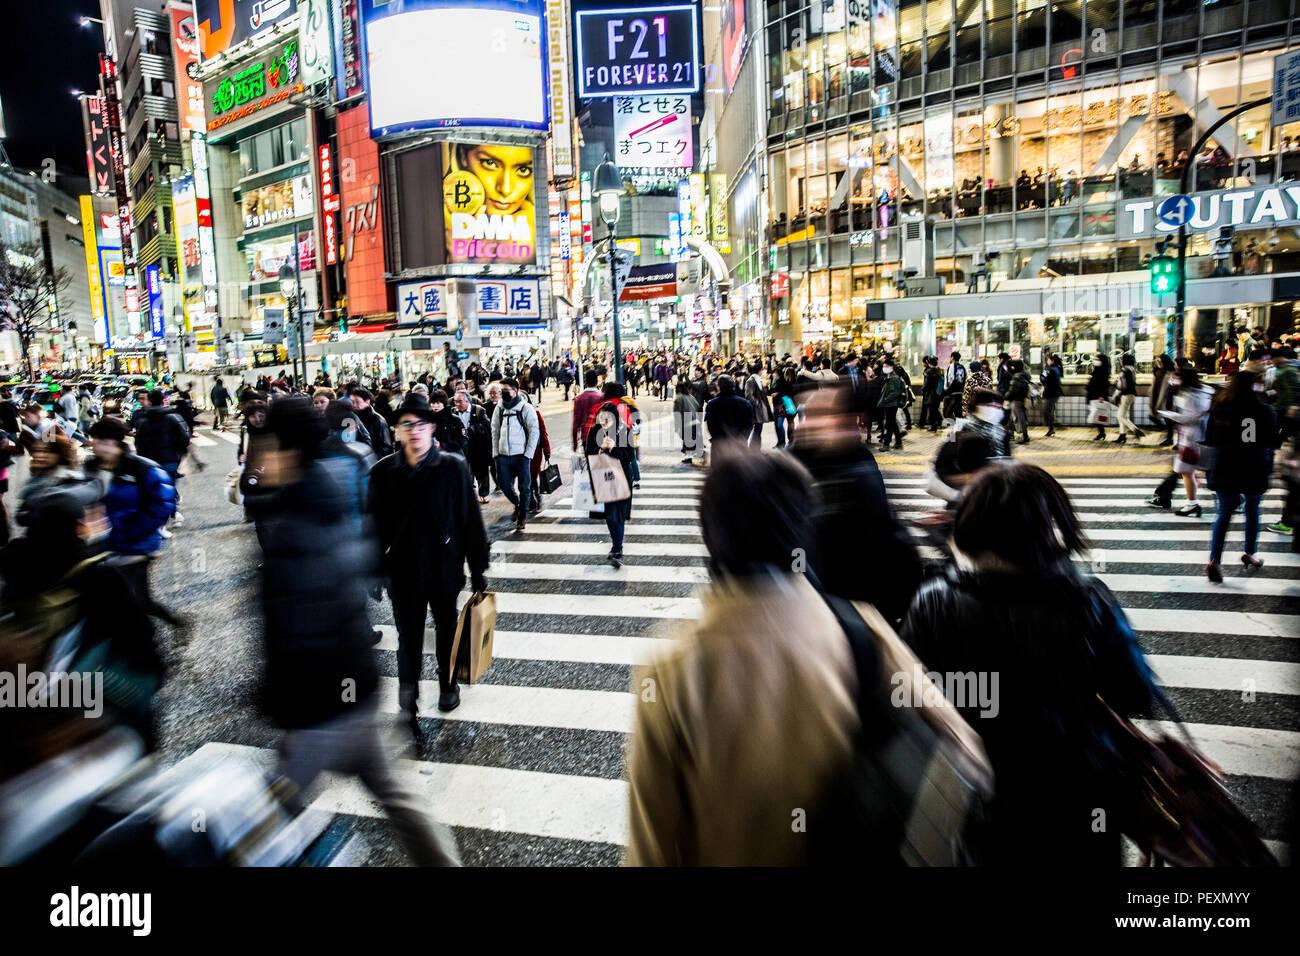 Croisement de Shibuya à Tokyo, Japon Photo Stock